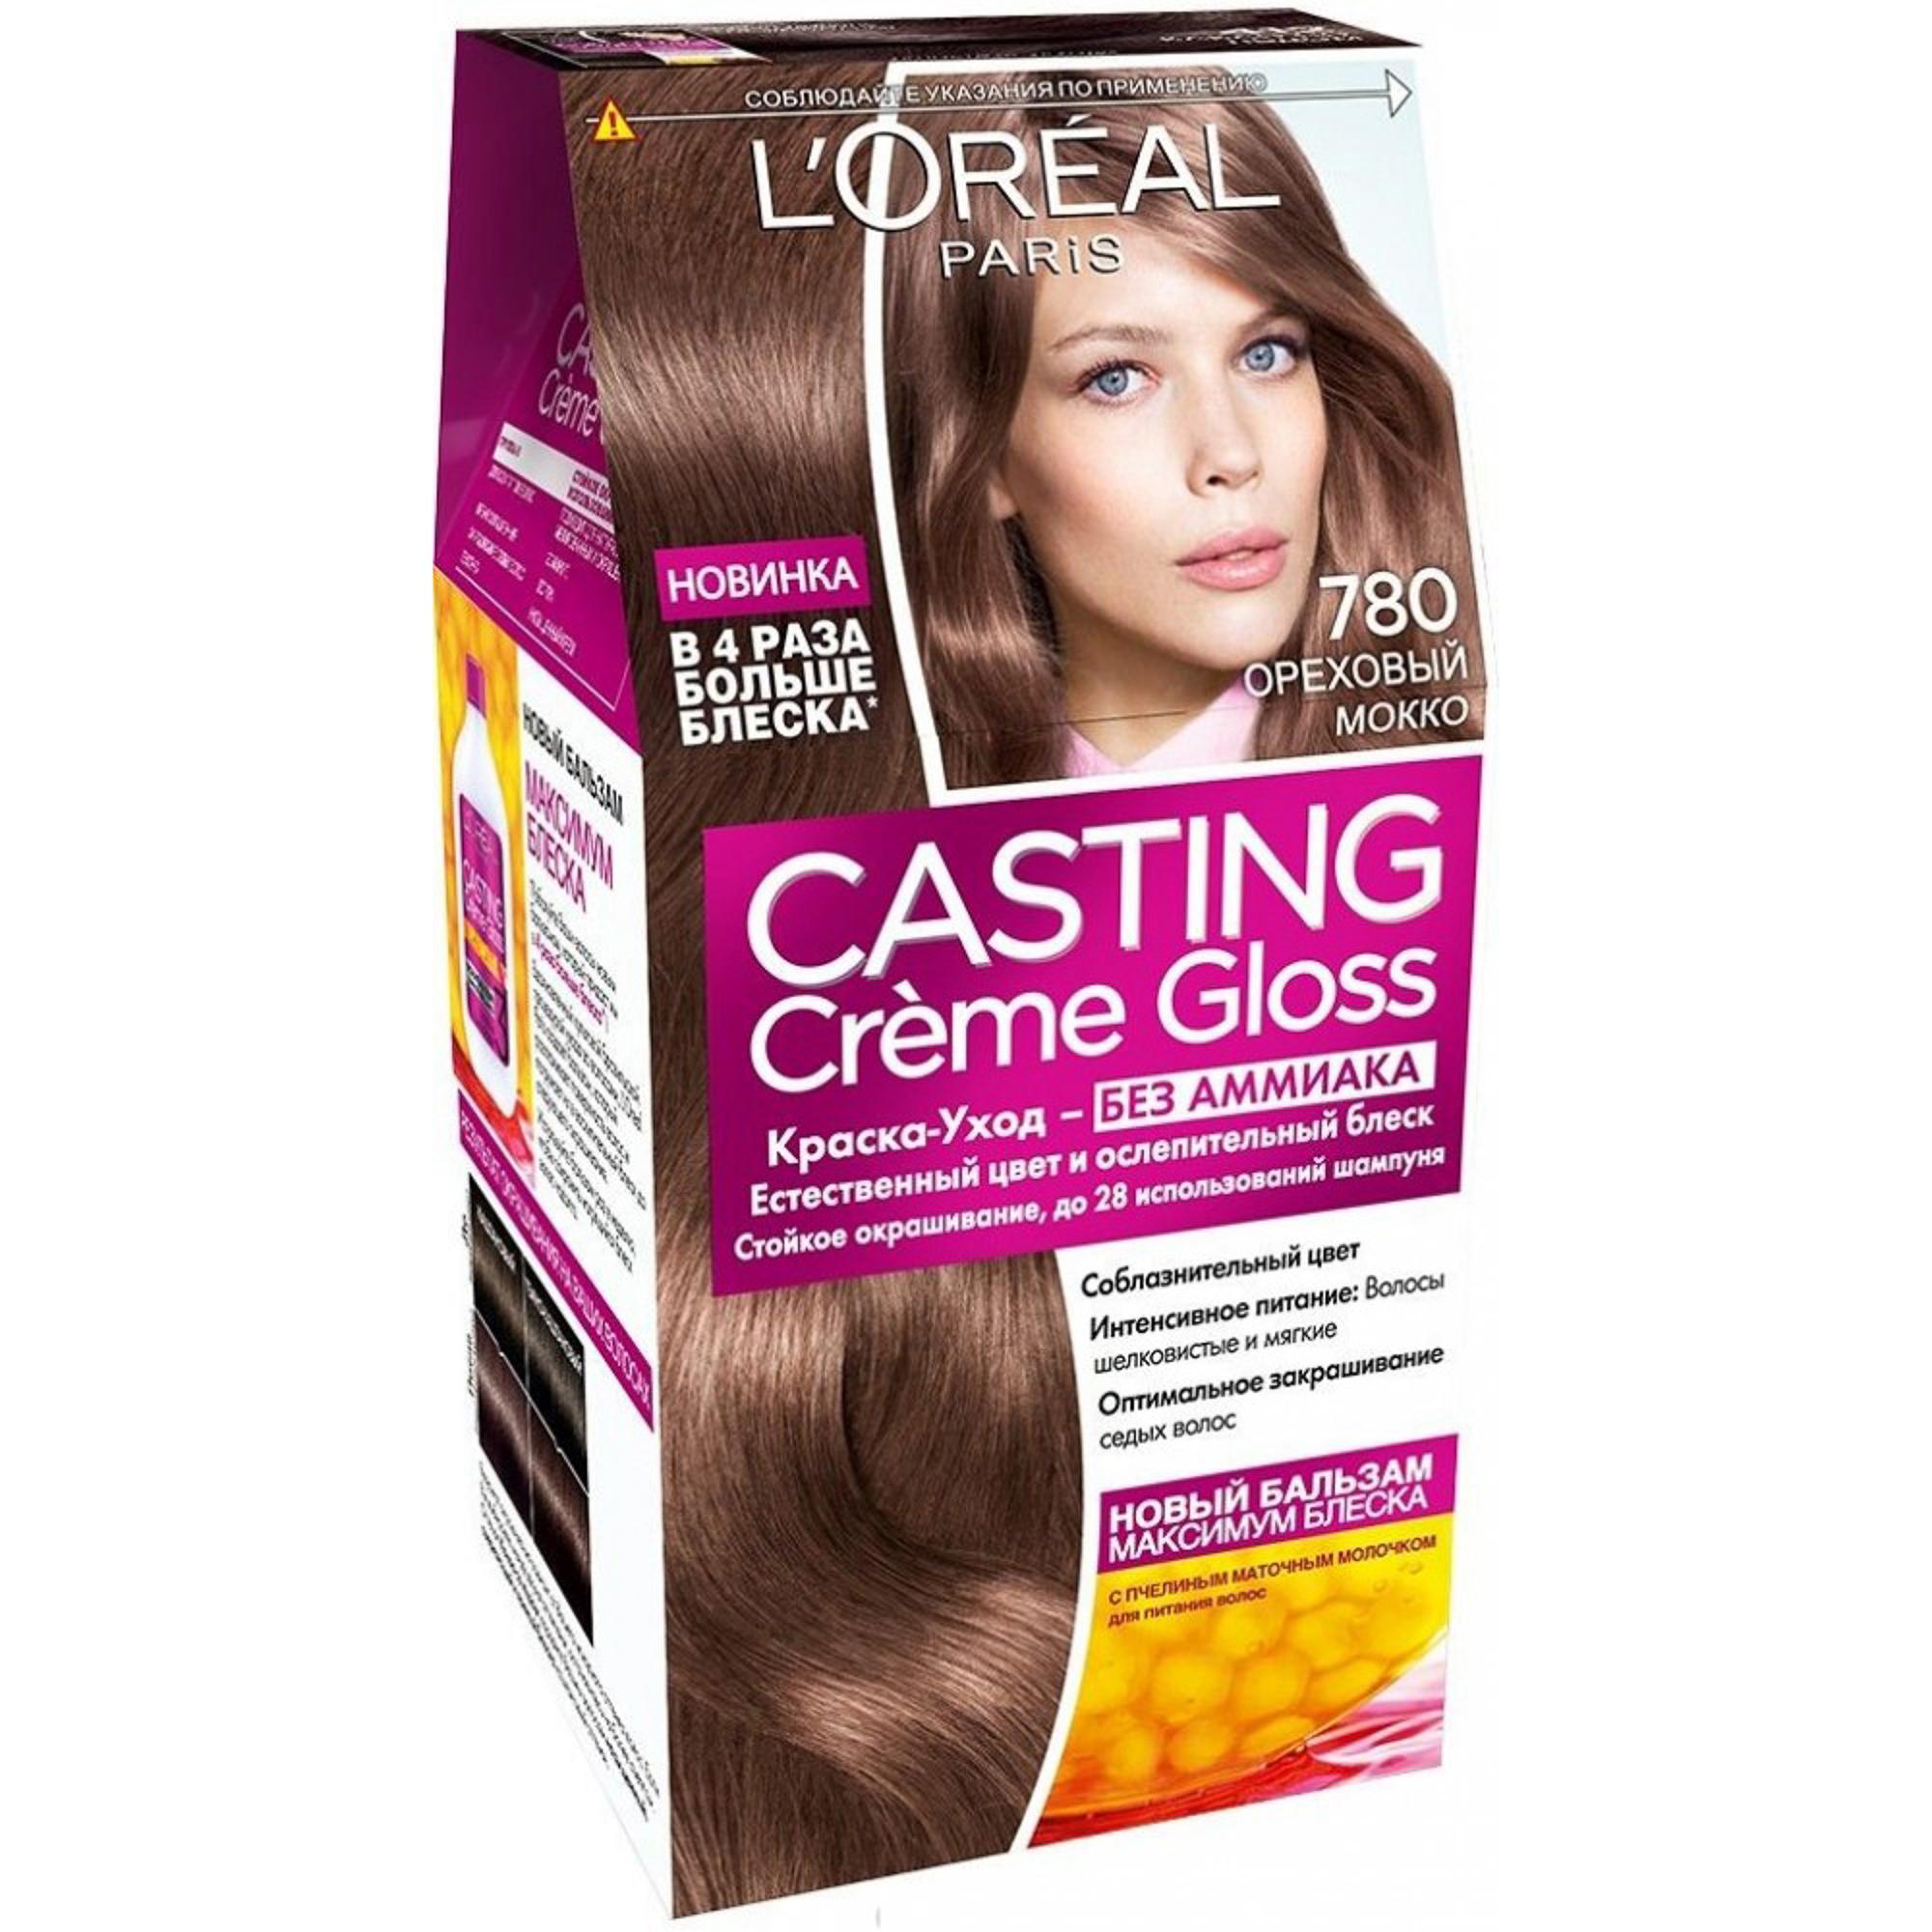 Краска для волос L'Oreal Paris Casting Creme Gloss 780 Ореховый мокко l oreal краска для волос casting creme gloss 37 оттенков 254 мл 5 34 кленовый сироп